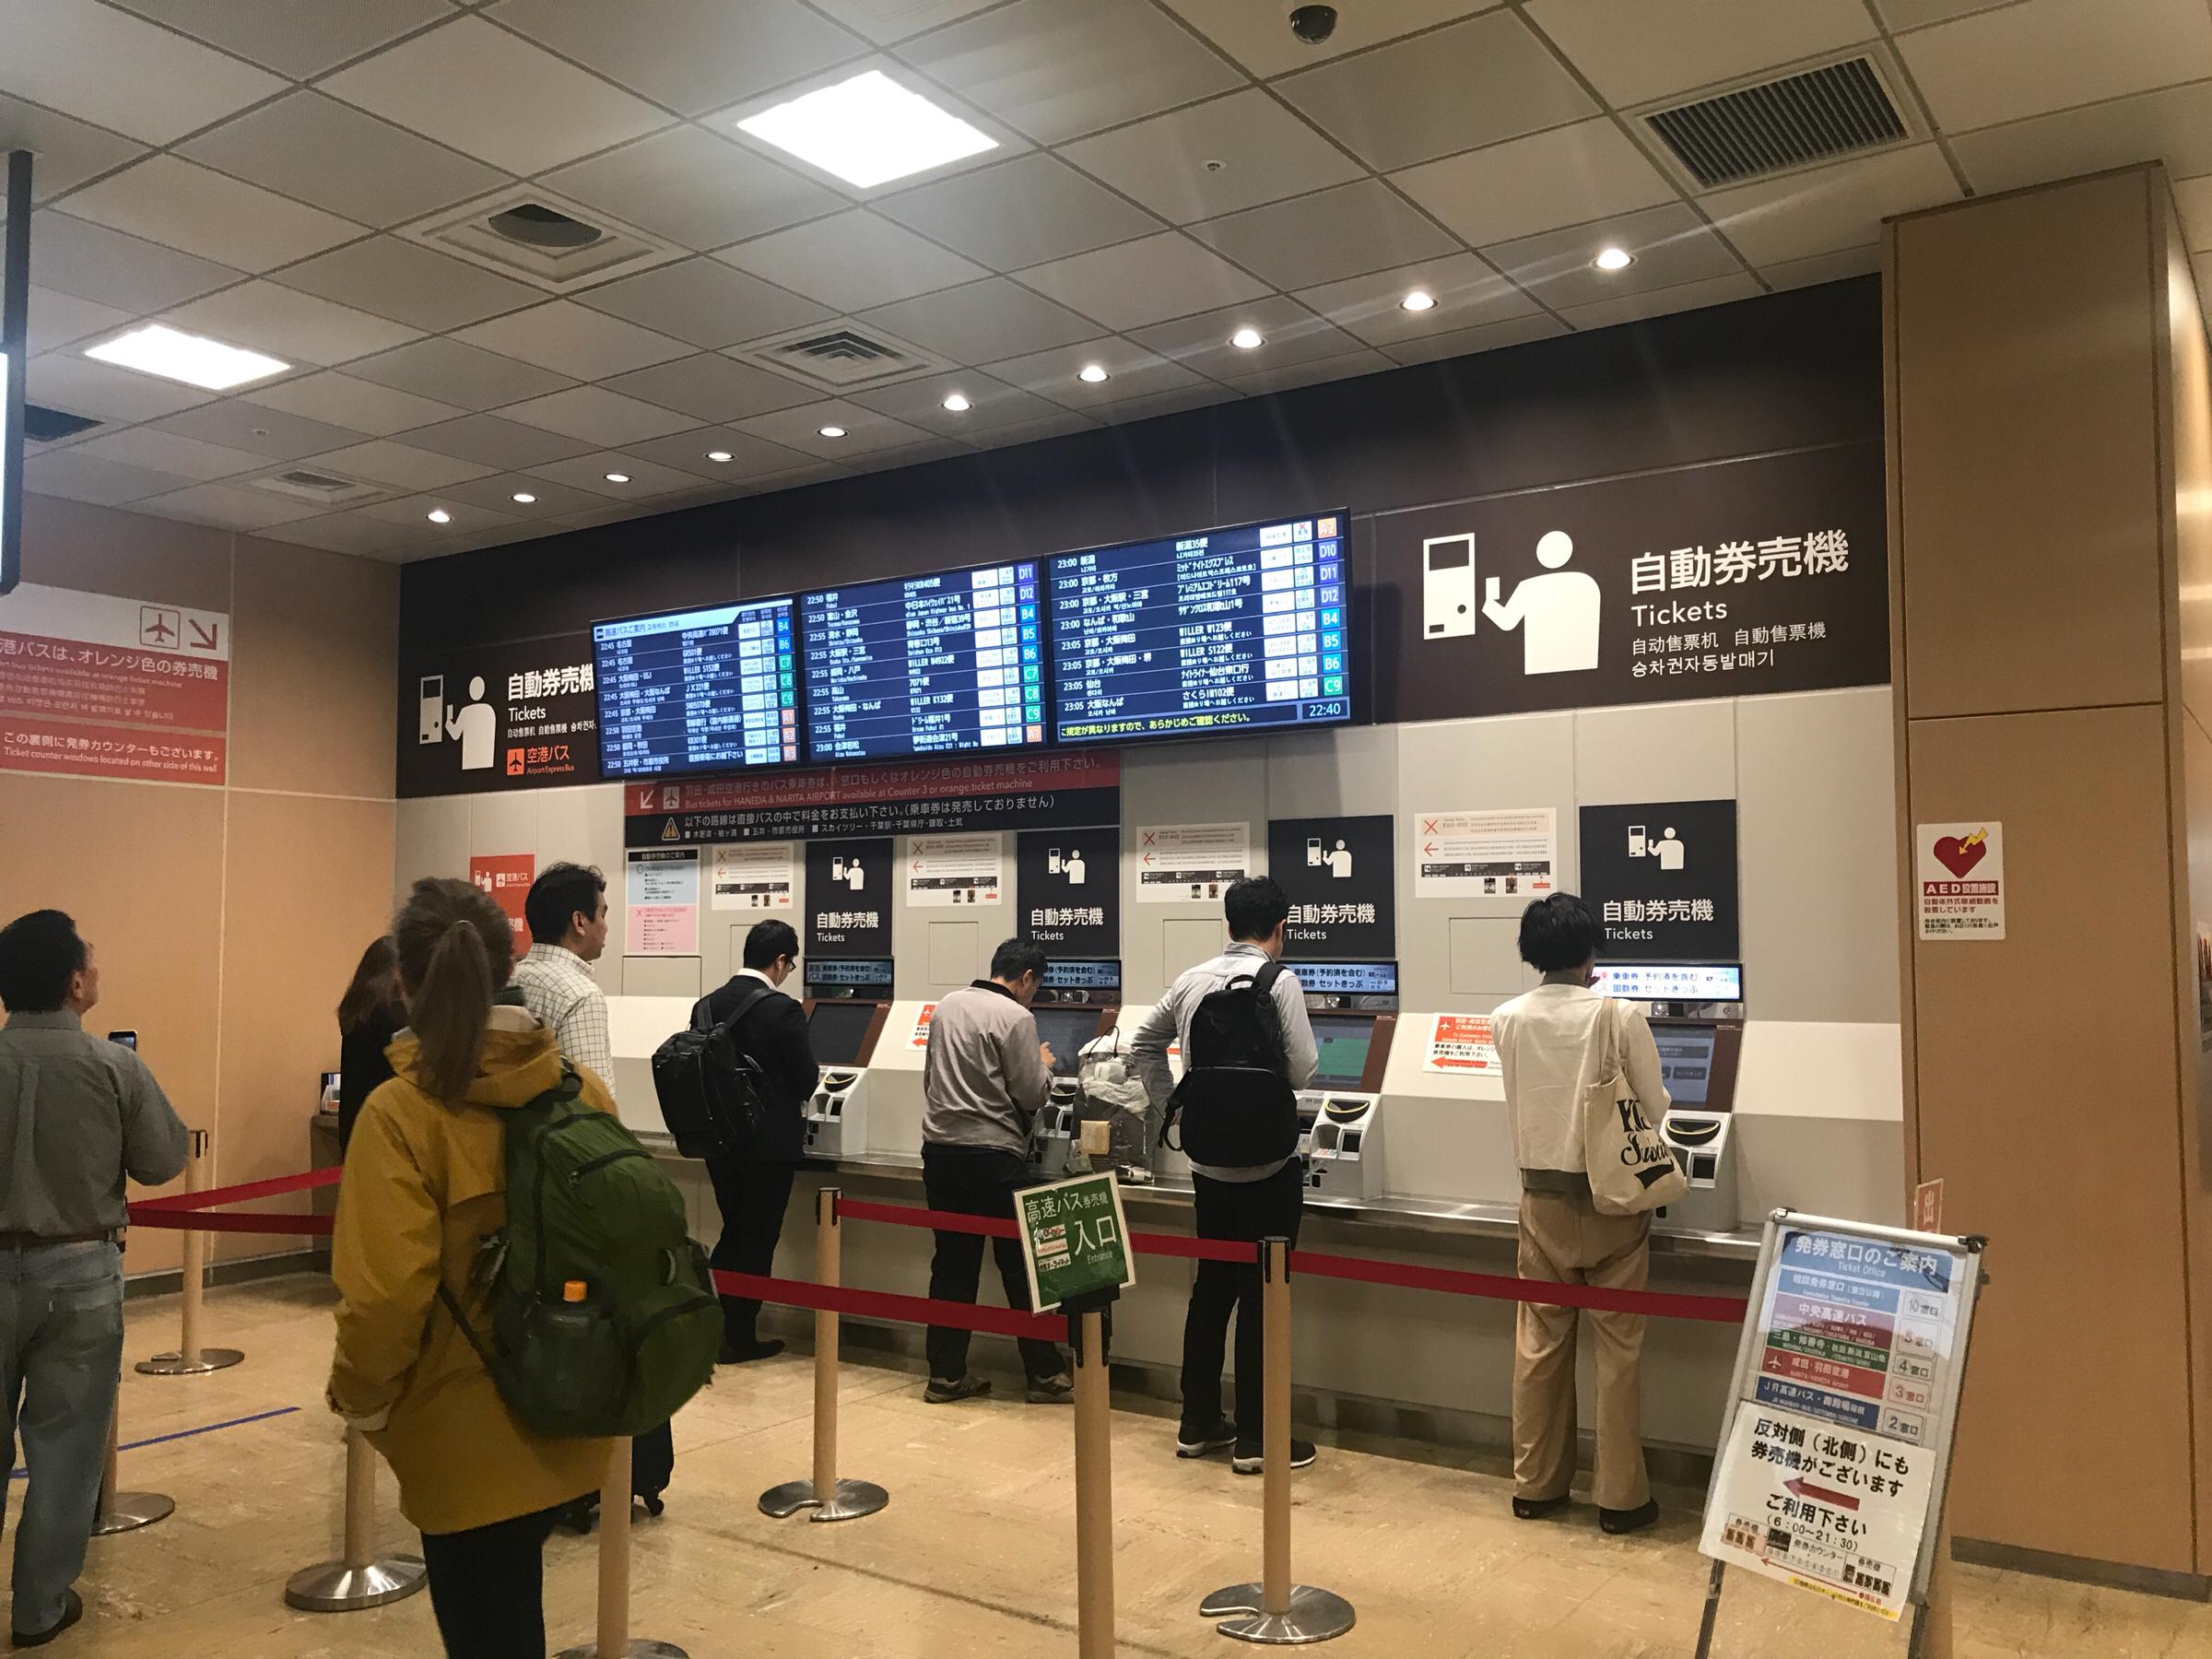 大宮発の夜行バスは「さいたま新都心駅」から出るので気をつけろ!!